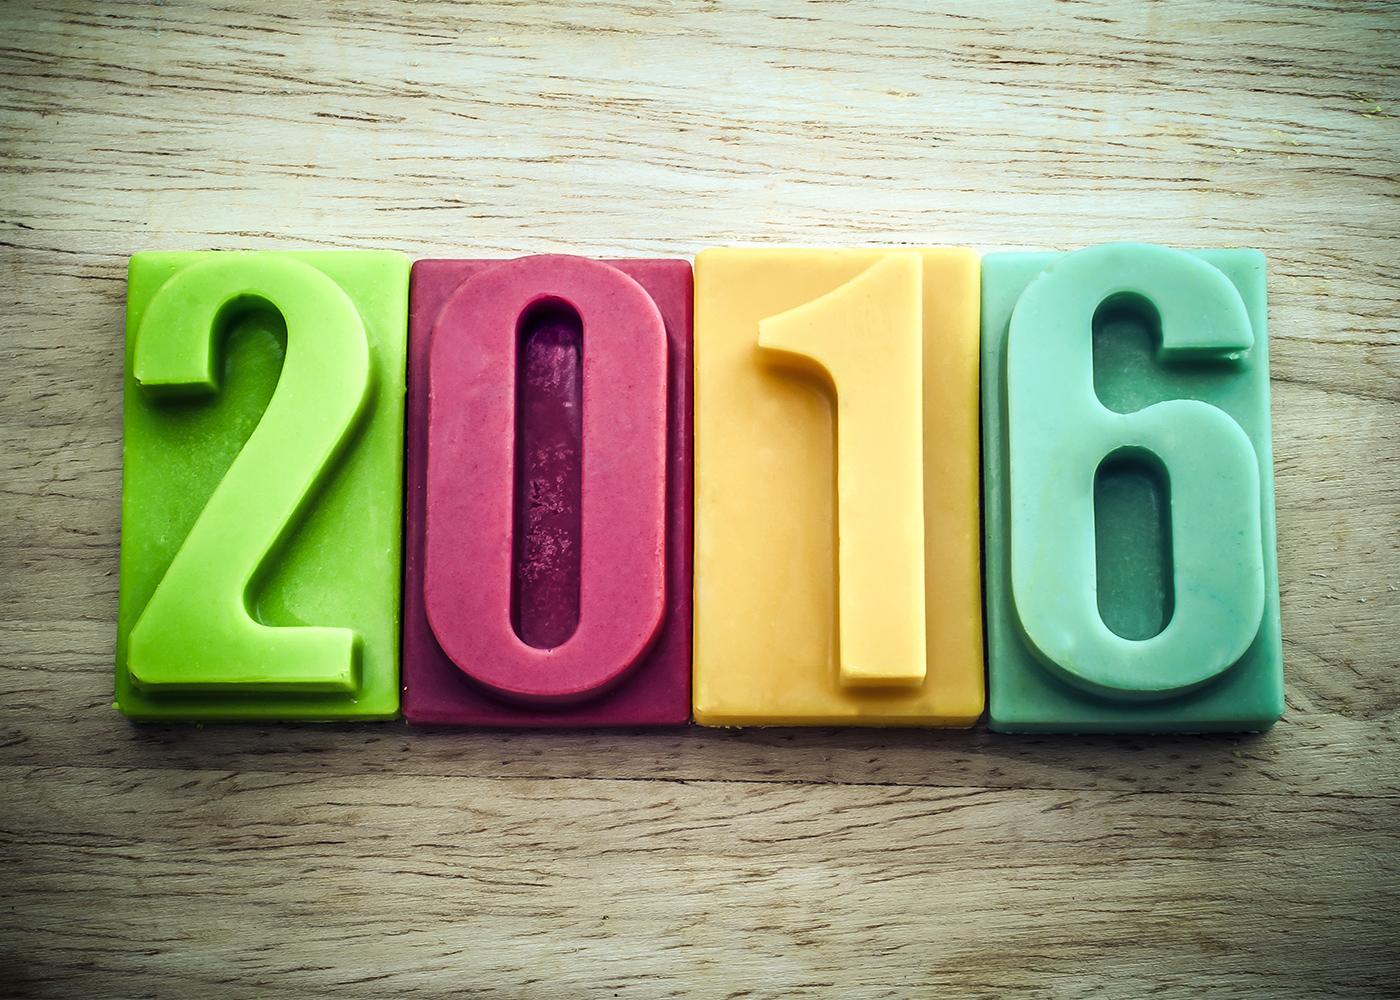 Nowe usługi, konferencja oraz edukacja. Podsumowanie 2016 roku w Furgonetce